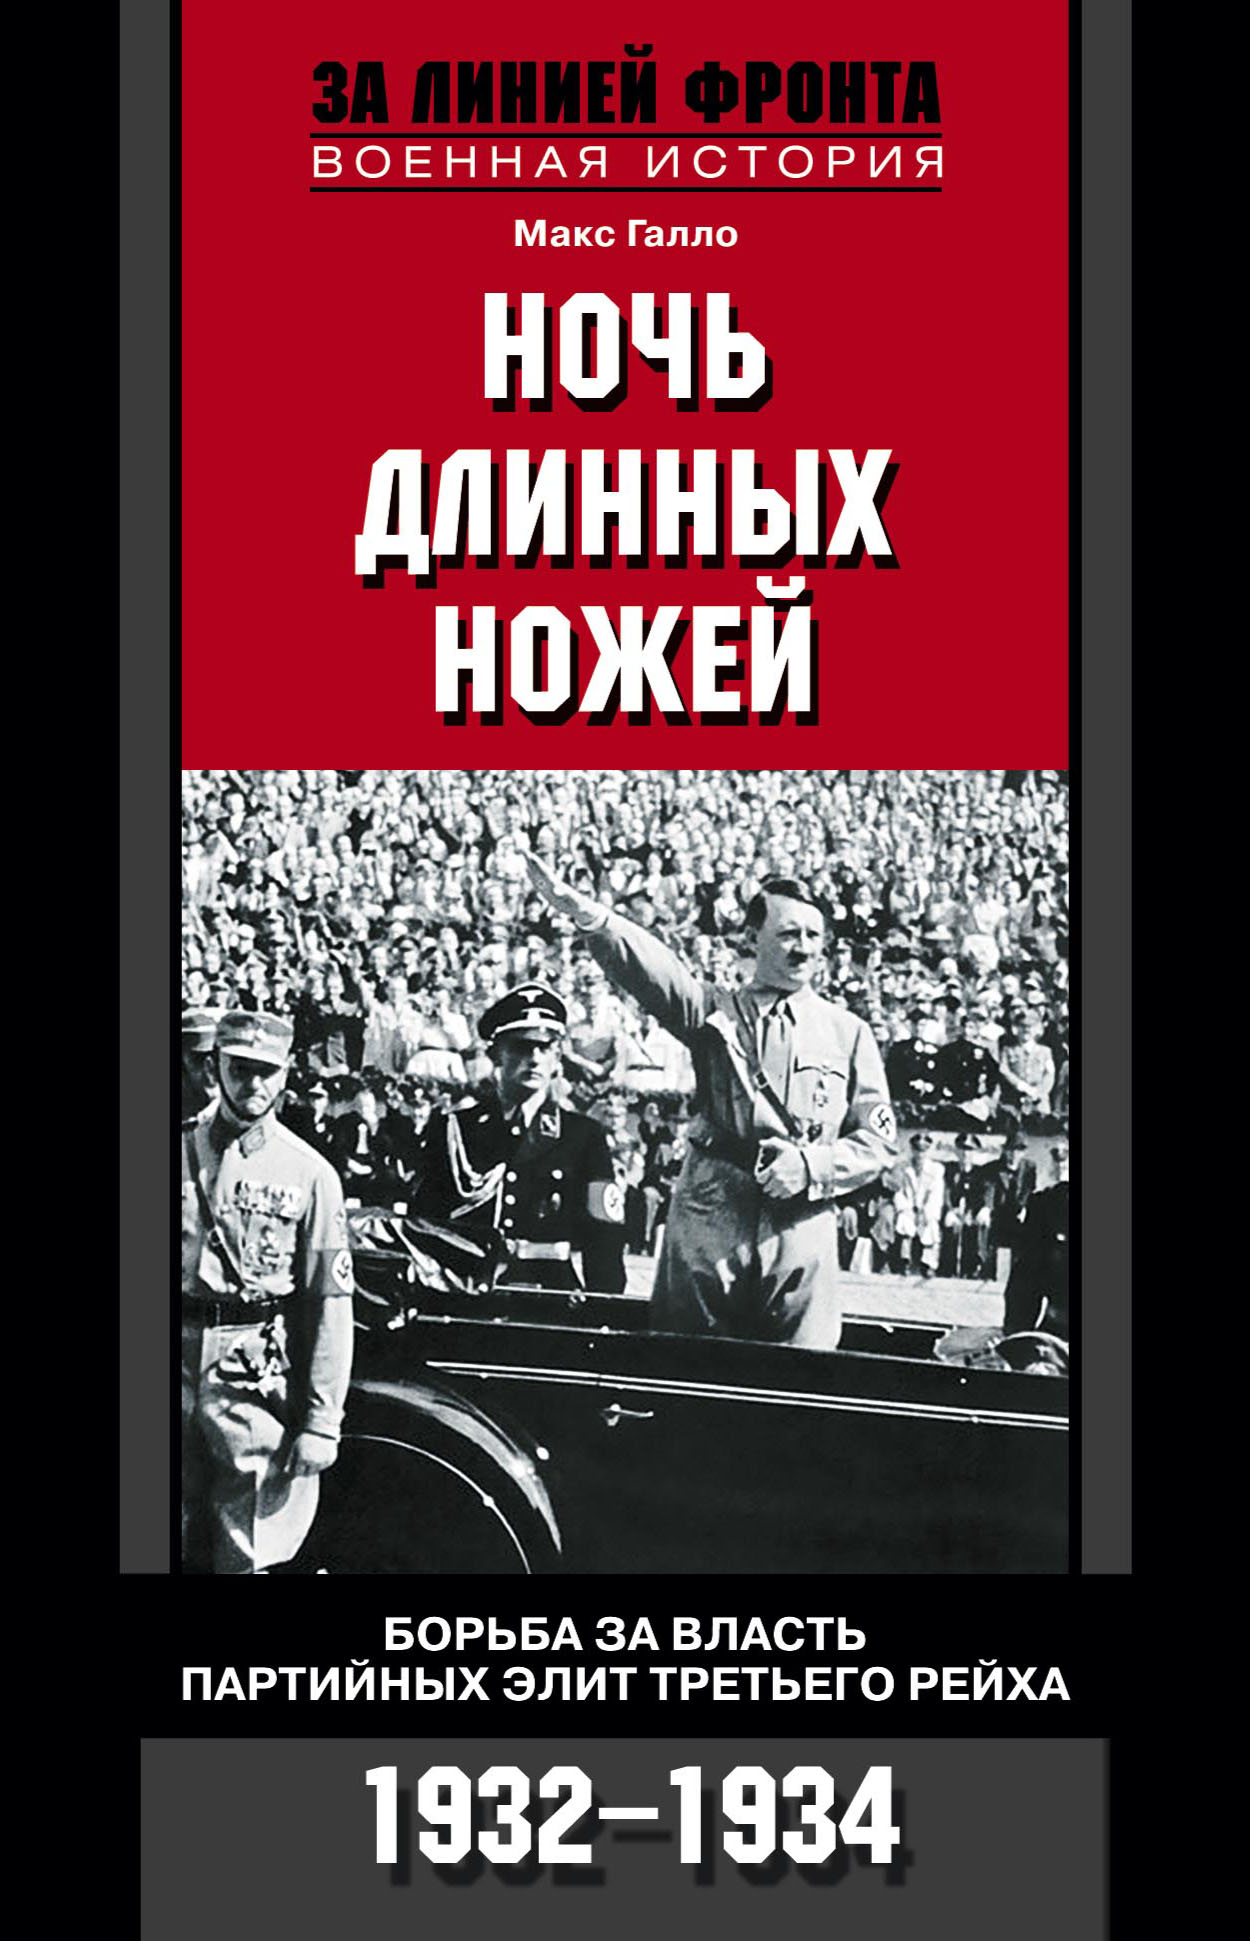 Макс Галло Ночь длинных ножей. Борьба за власть партийных элит Третьего рейха. 1932-1934 рудольф фон иеринг борьба за право